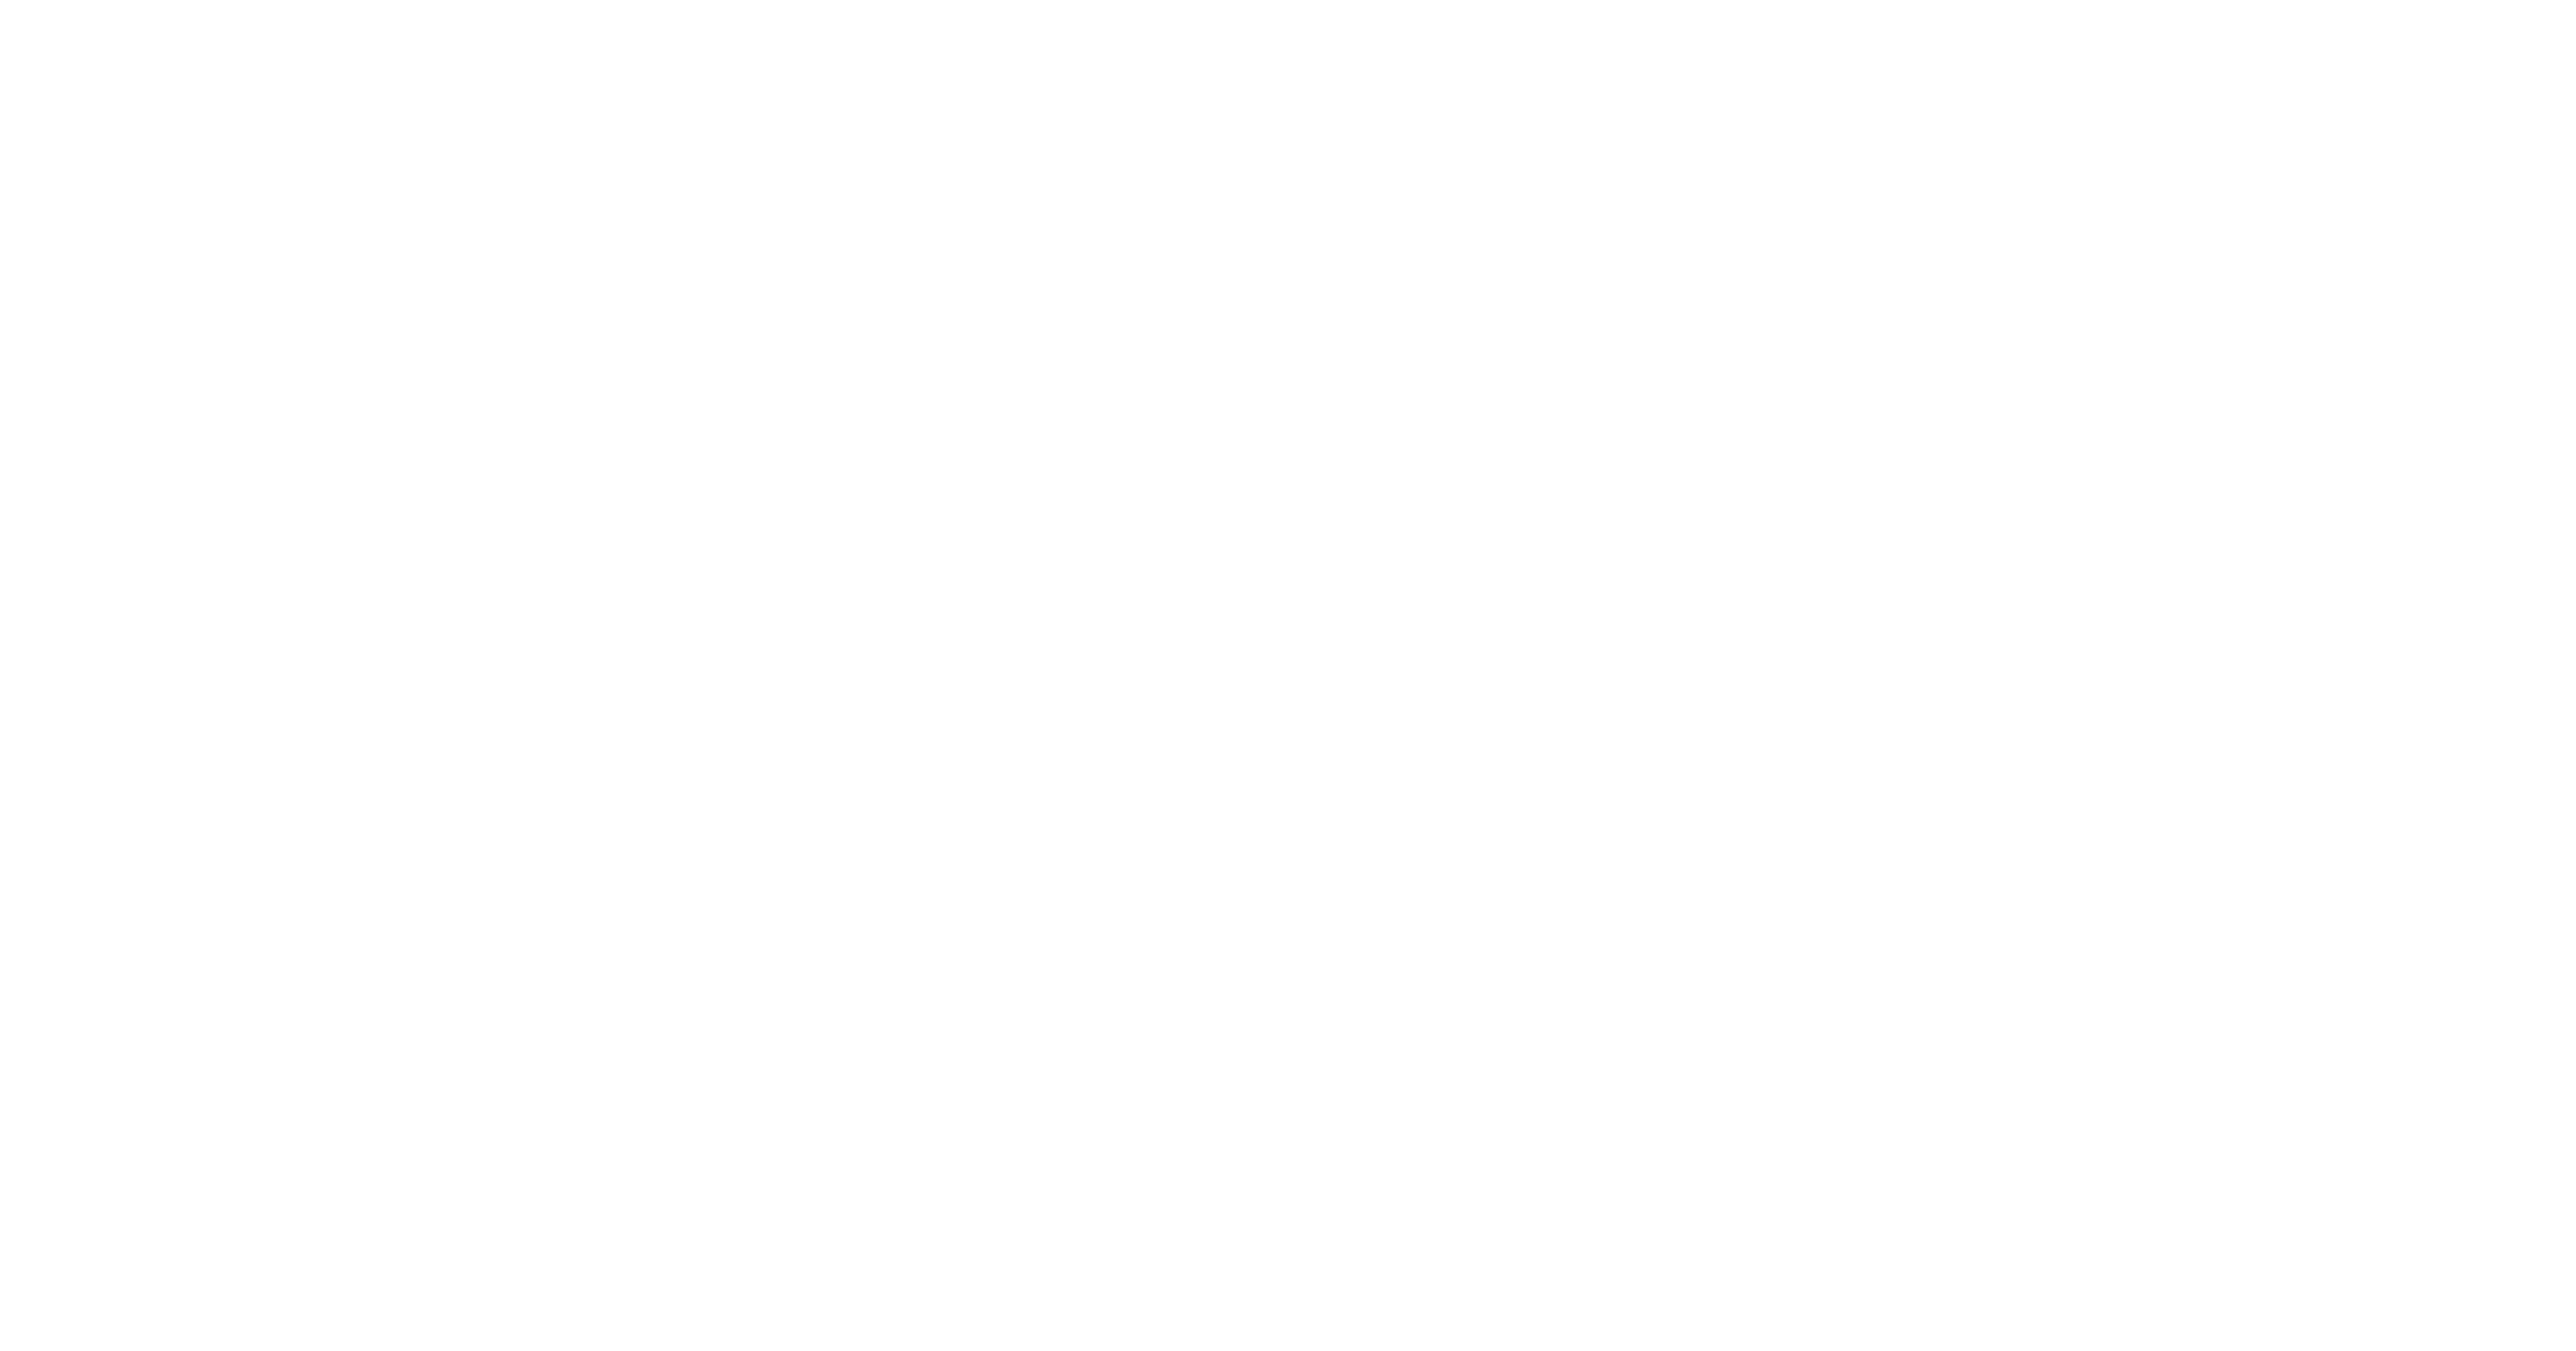 9497 Logotyp negativ